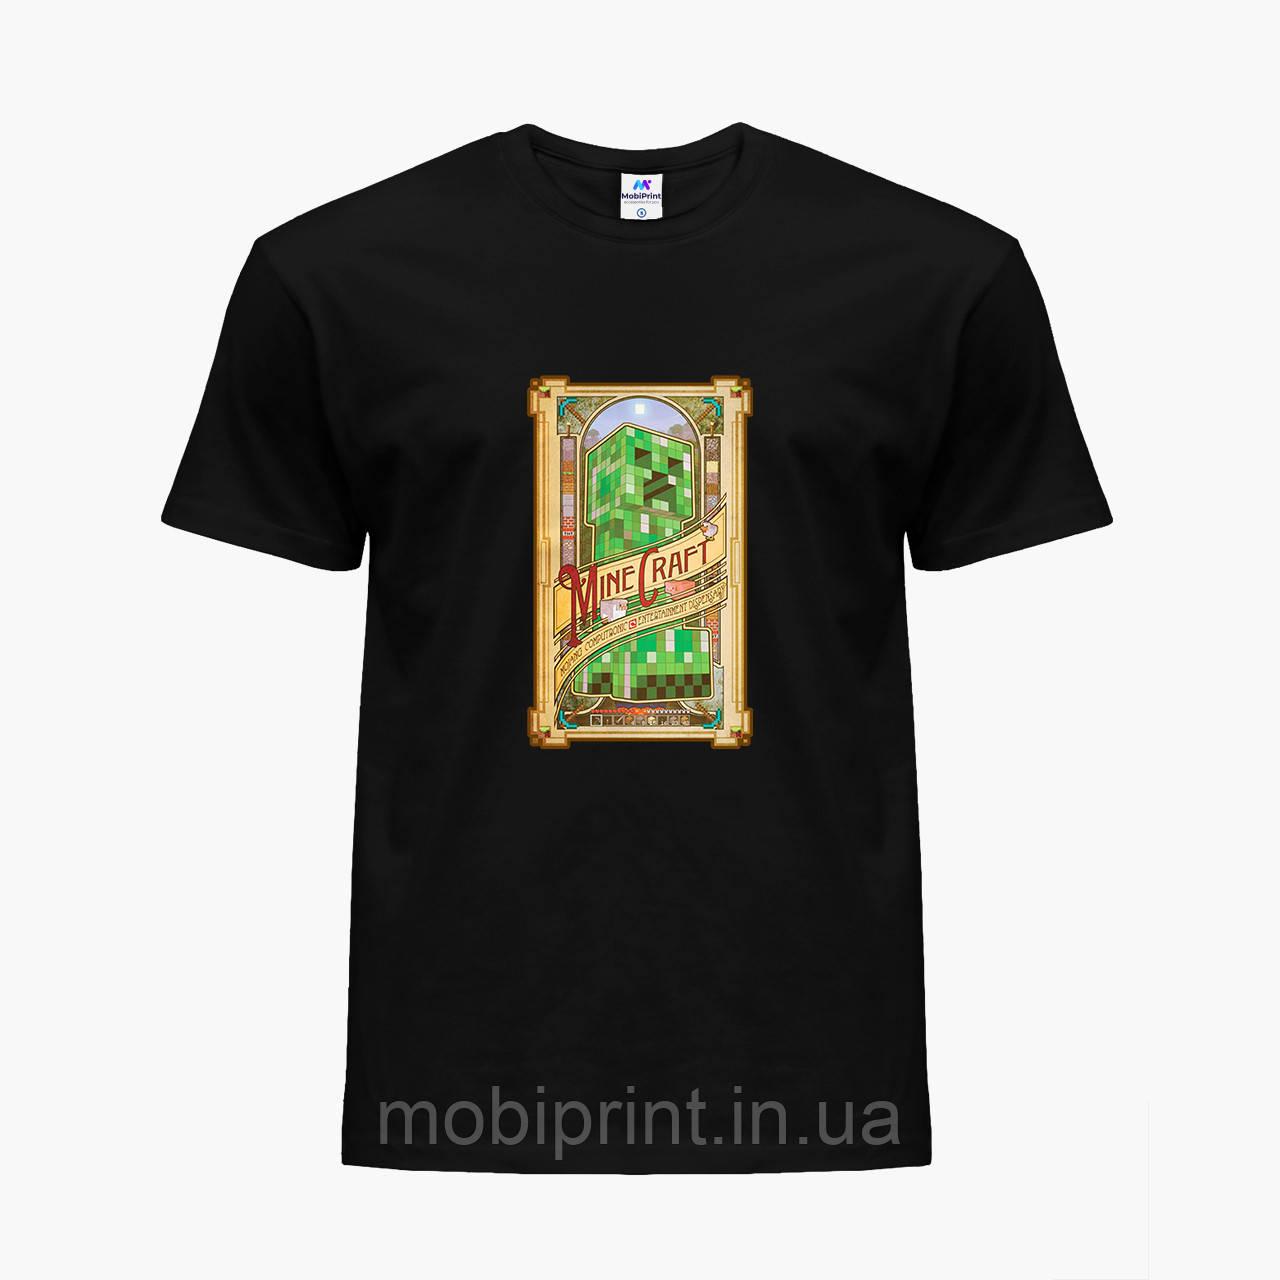 Детская футболка для мальчиков Майнкрафт (Minecraft) (25186-1178) Черный